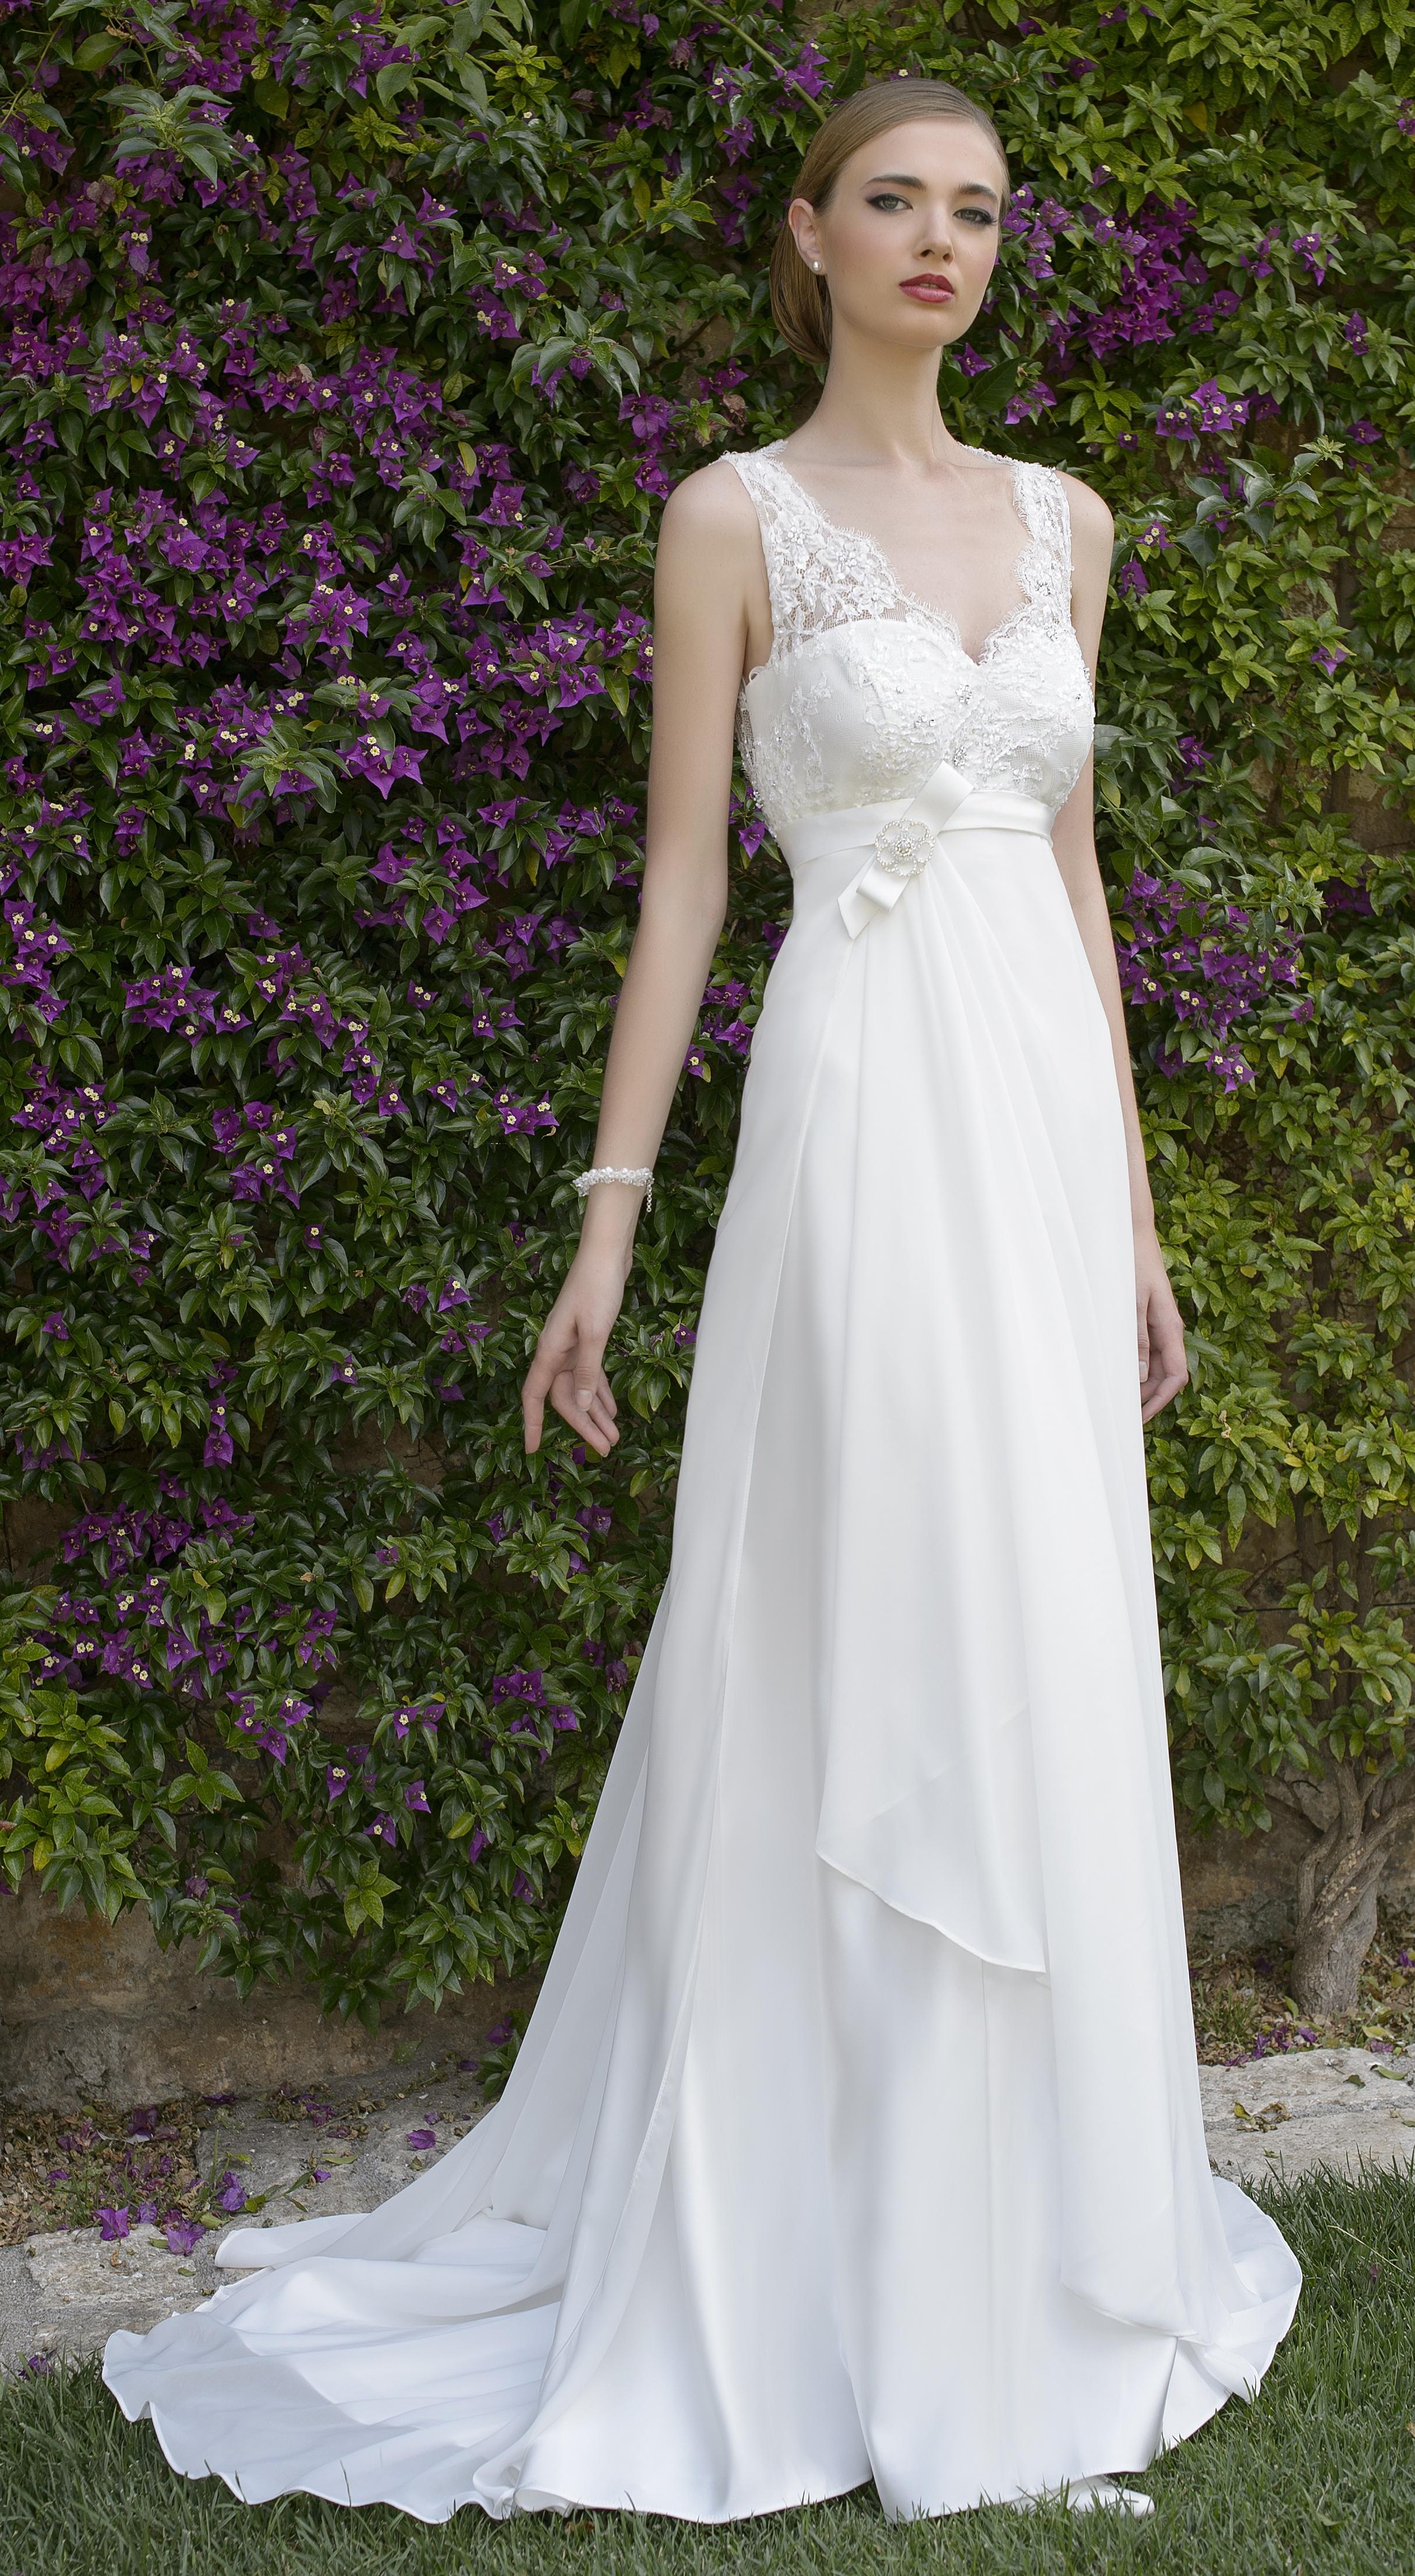 Vestiti Da Sposa Jesi.Abito Sposa Stile Impero Confezioni Carotti Jesi